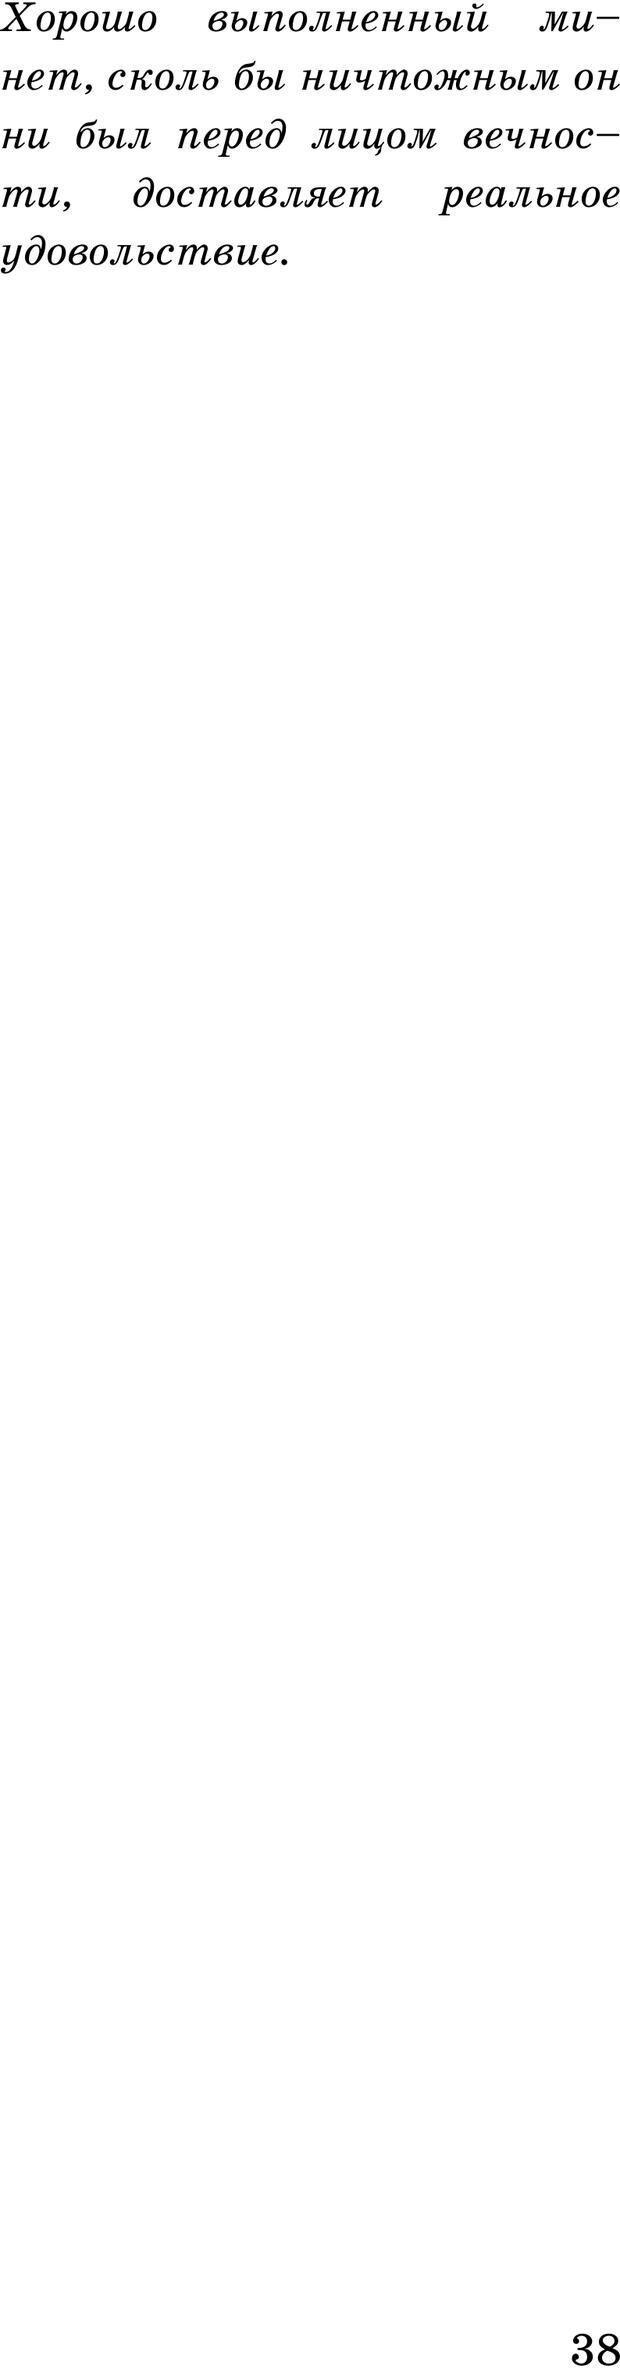 PDF. Русская Модель Эффективного Соблазнения. Мастерский курс. Богачев Ф. О. Страница 34. Читать онлайн